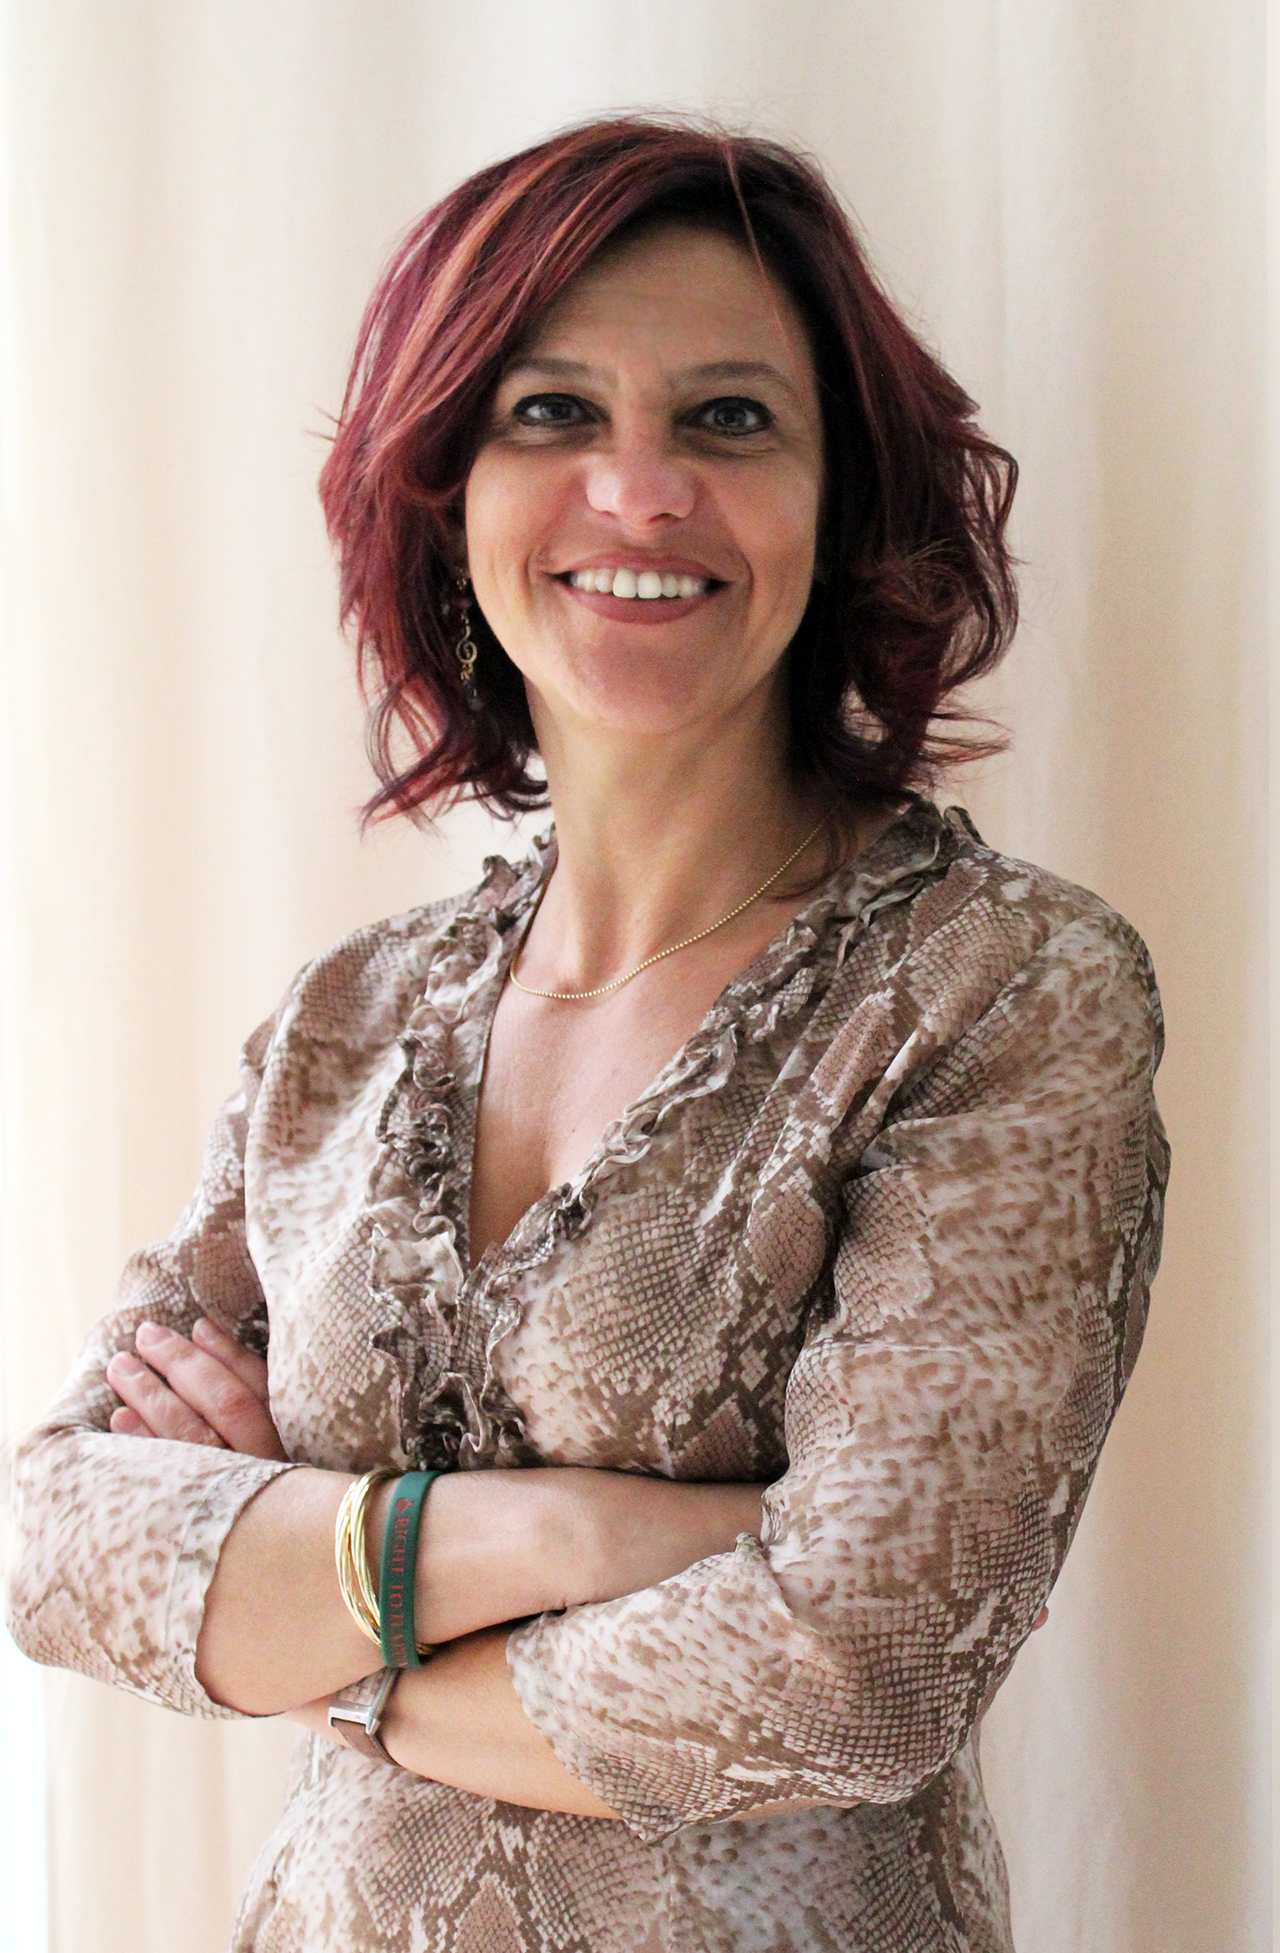 Laura Rocchitelli è il nuovo presidente del Gruppo Meccatronici di Assolombarda